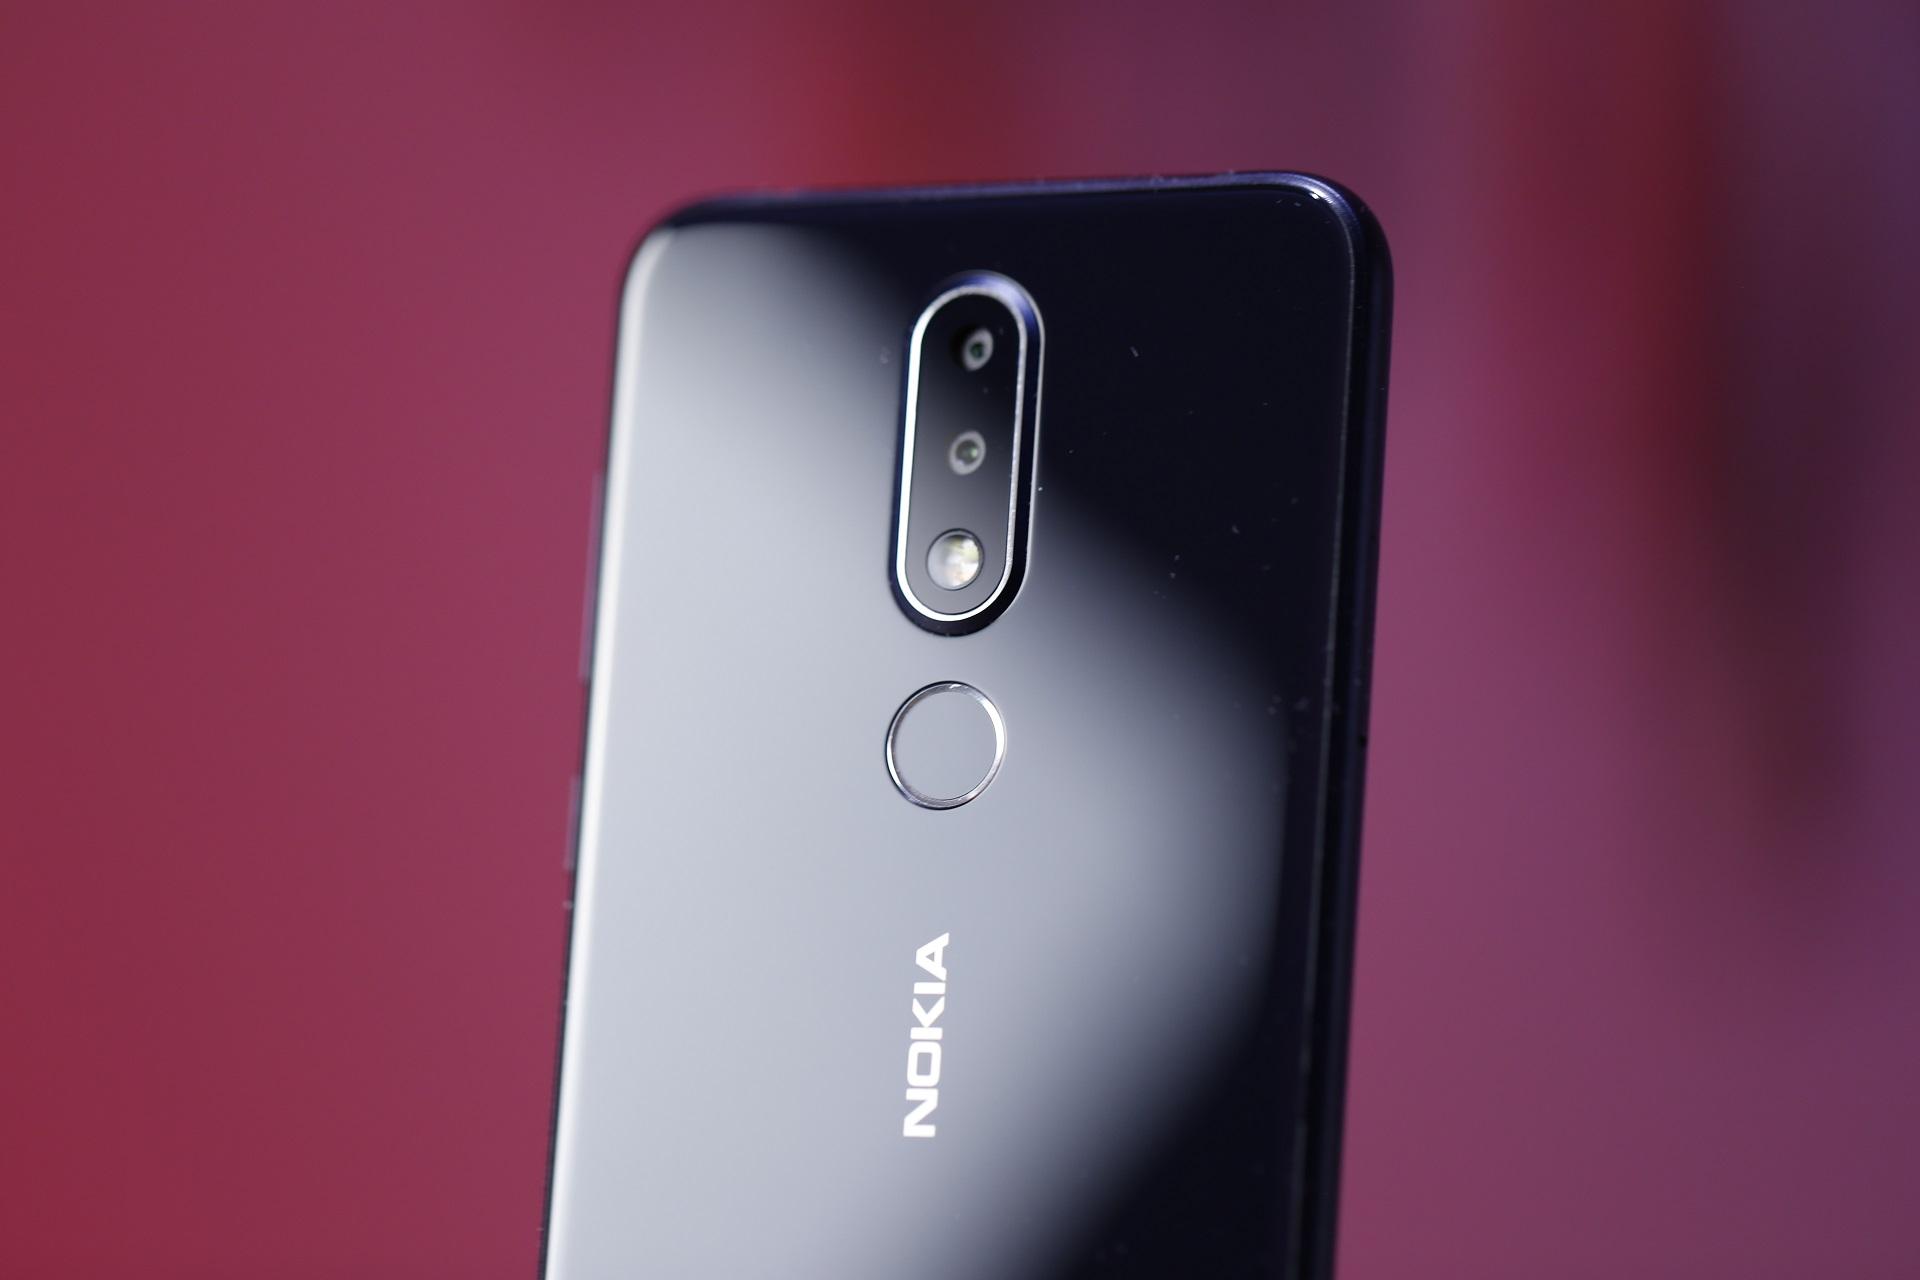 مراجعة هاتف Nokia 6.1 Plus (X6) من الفئة الاقتصادية - التصميم والشاشة